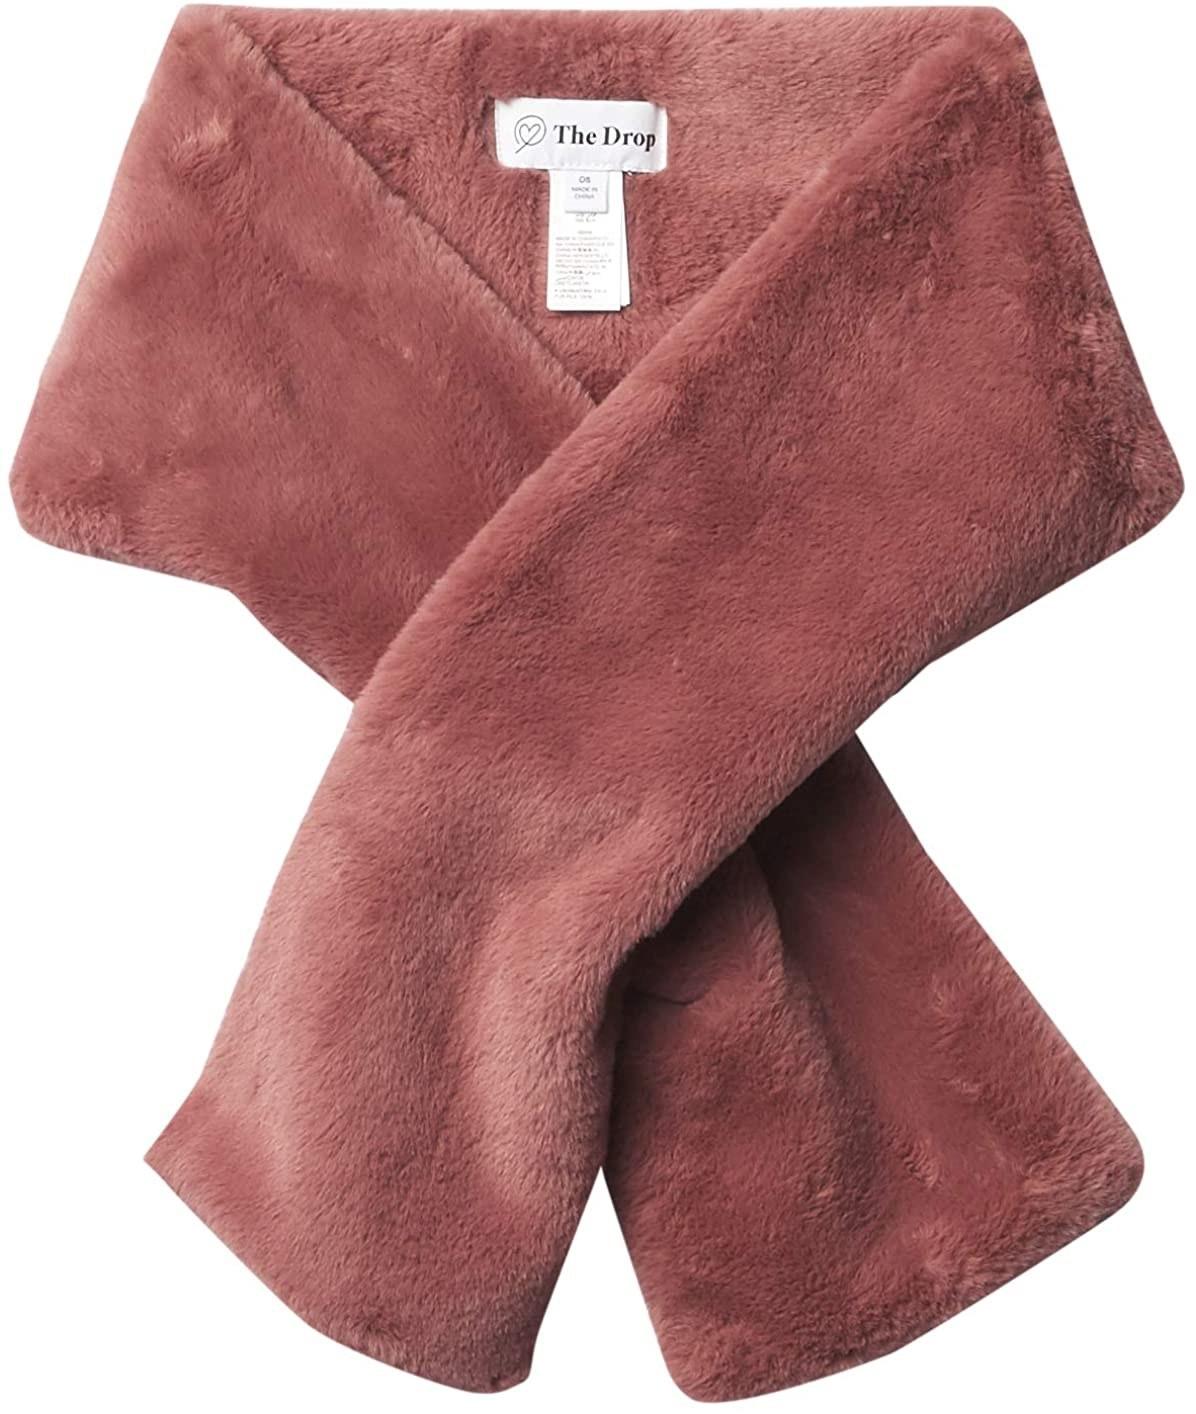 Rose mauve faux fur scarf